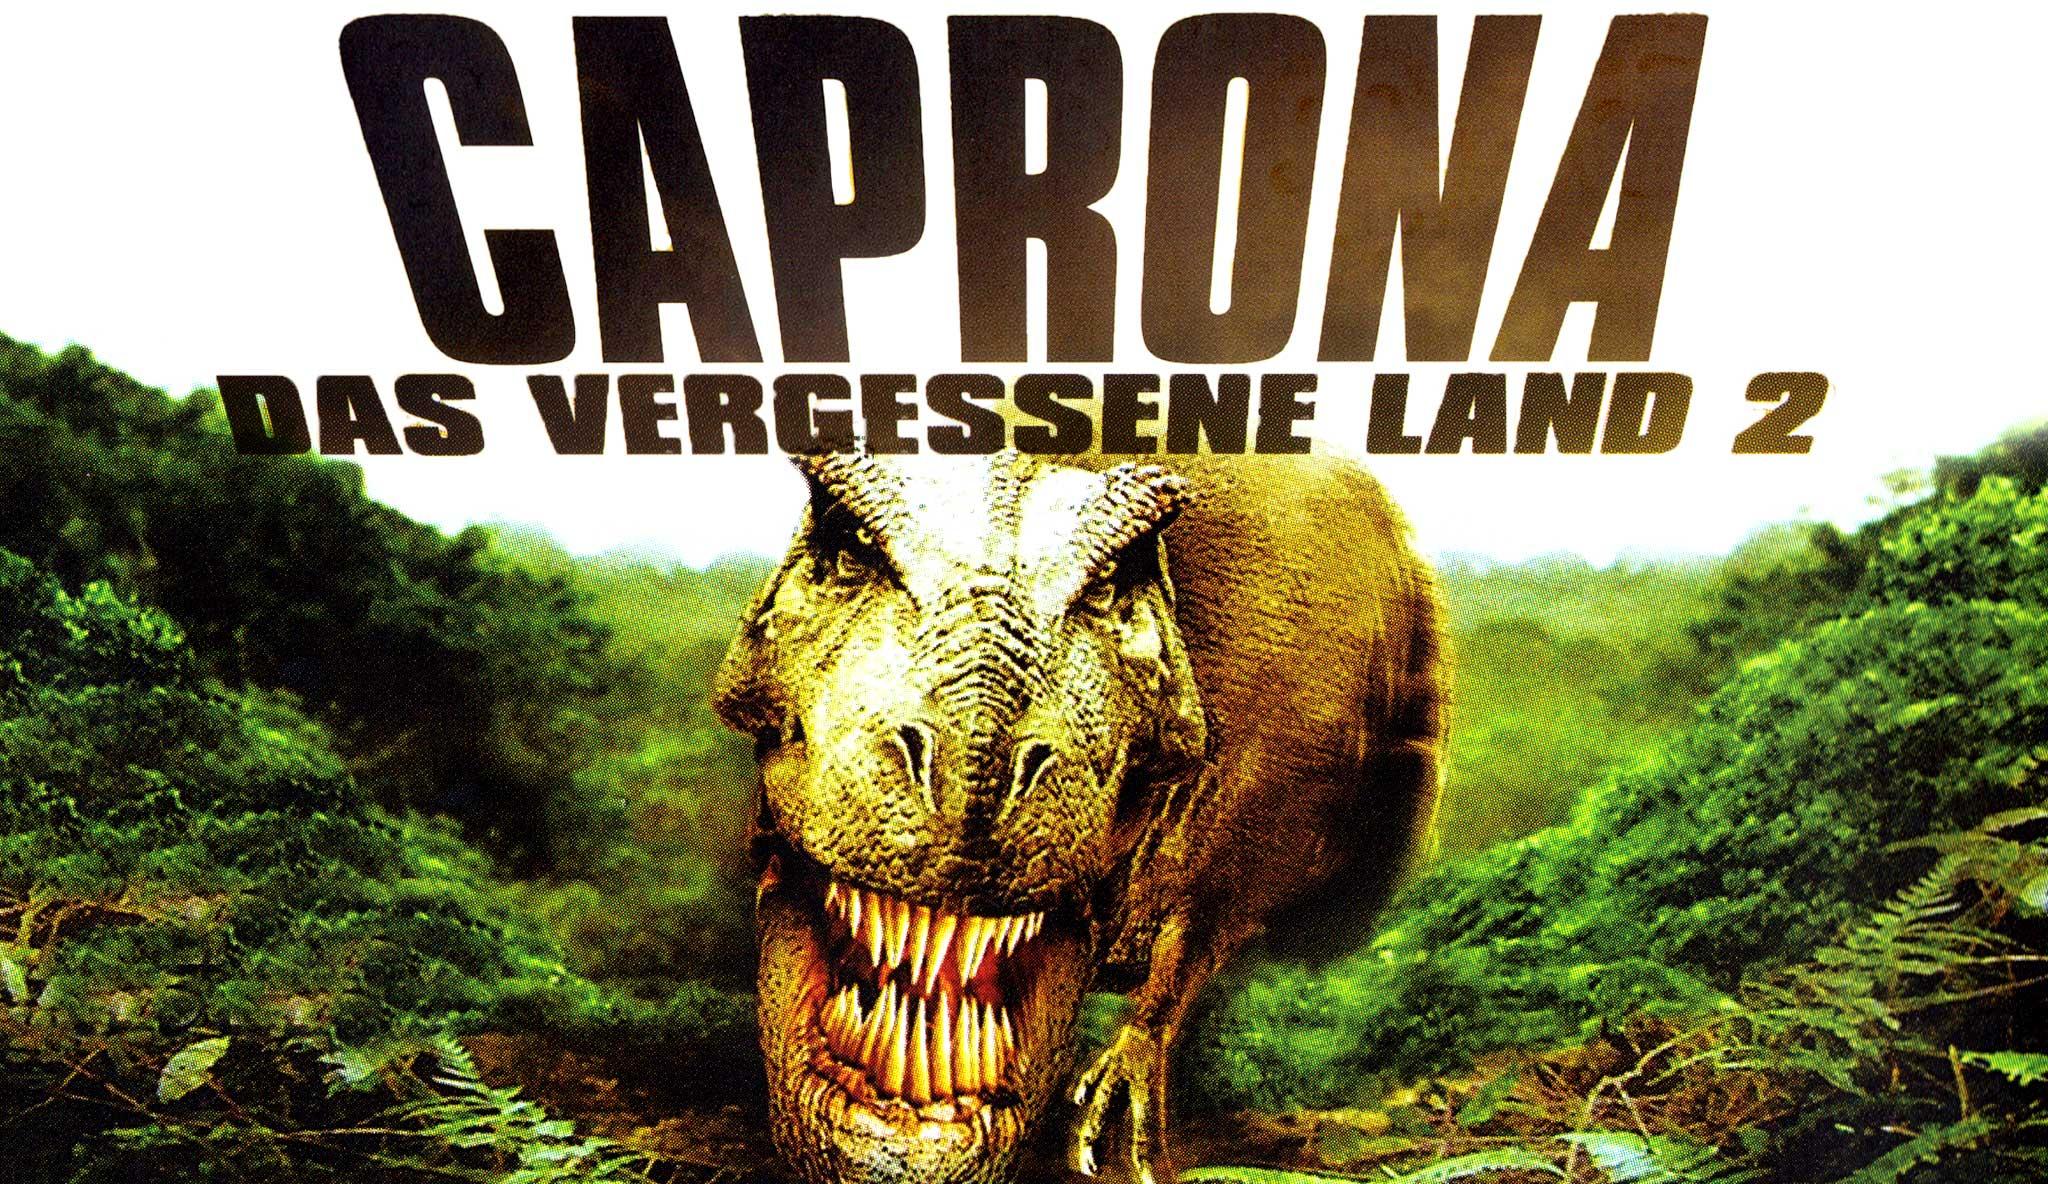 caprona-das-vergessene-land-2\header.jpg